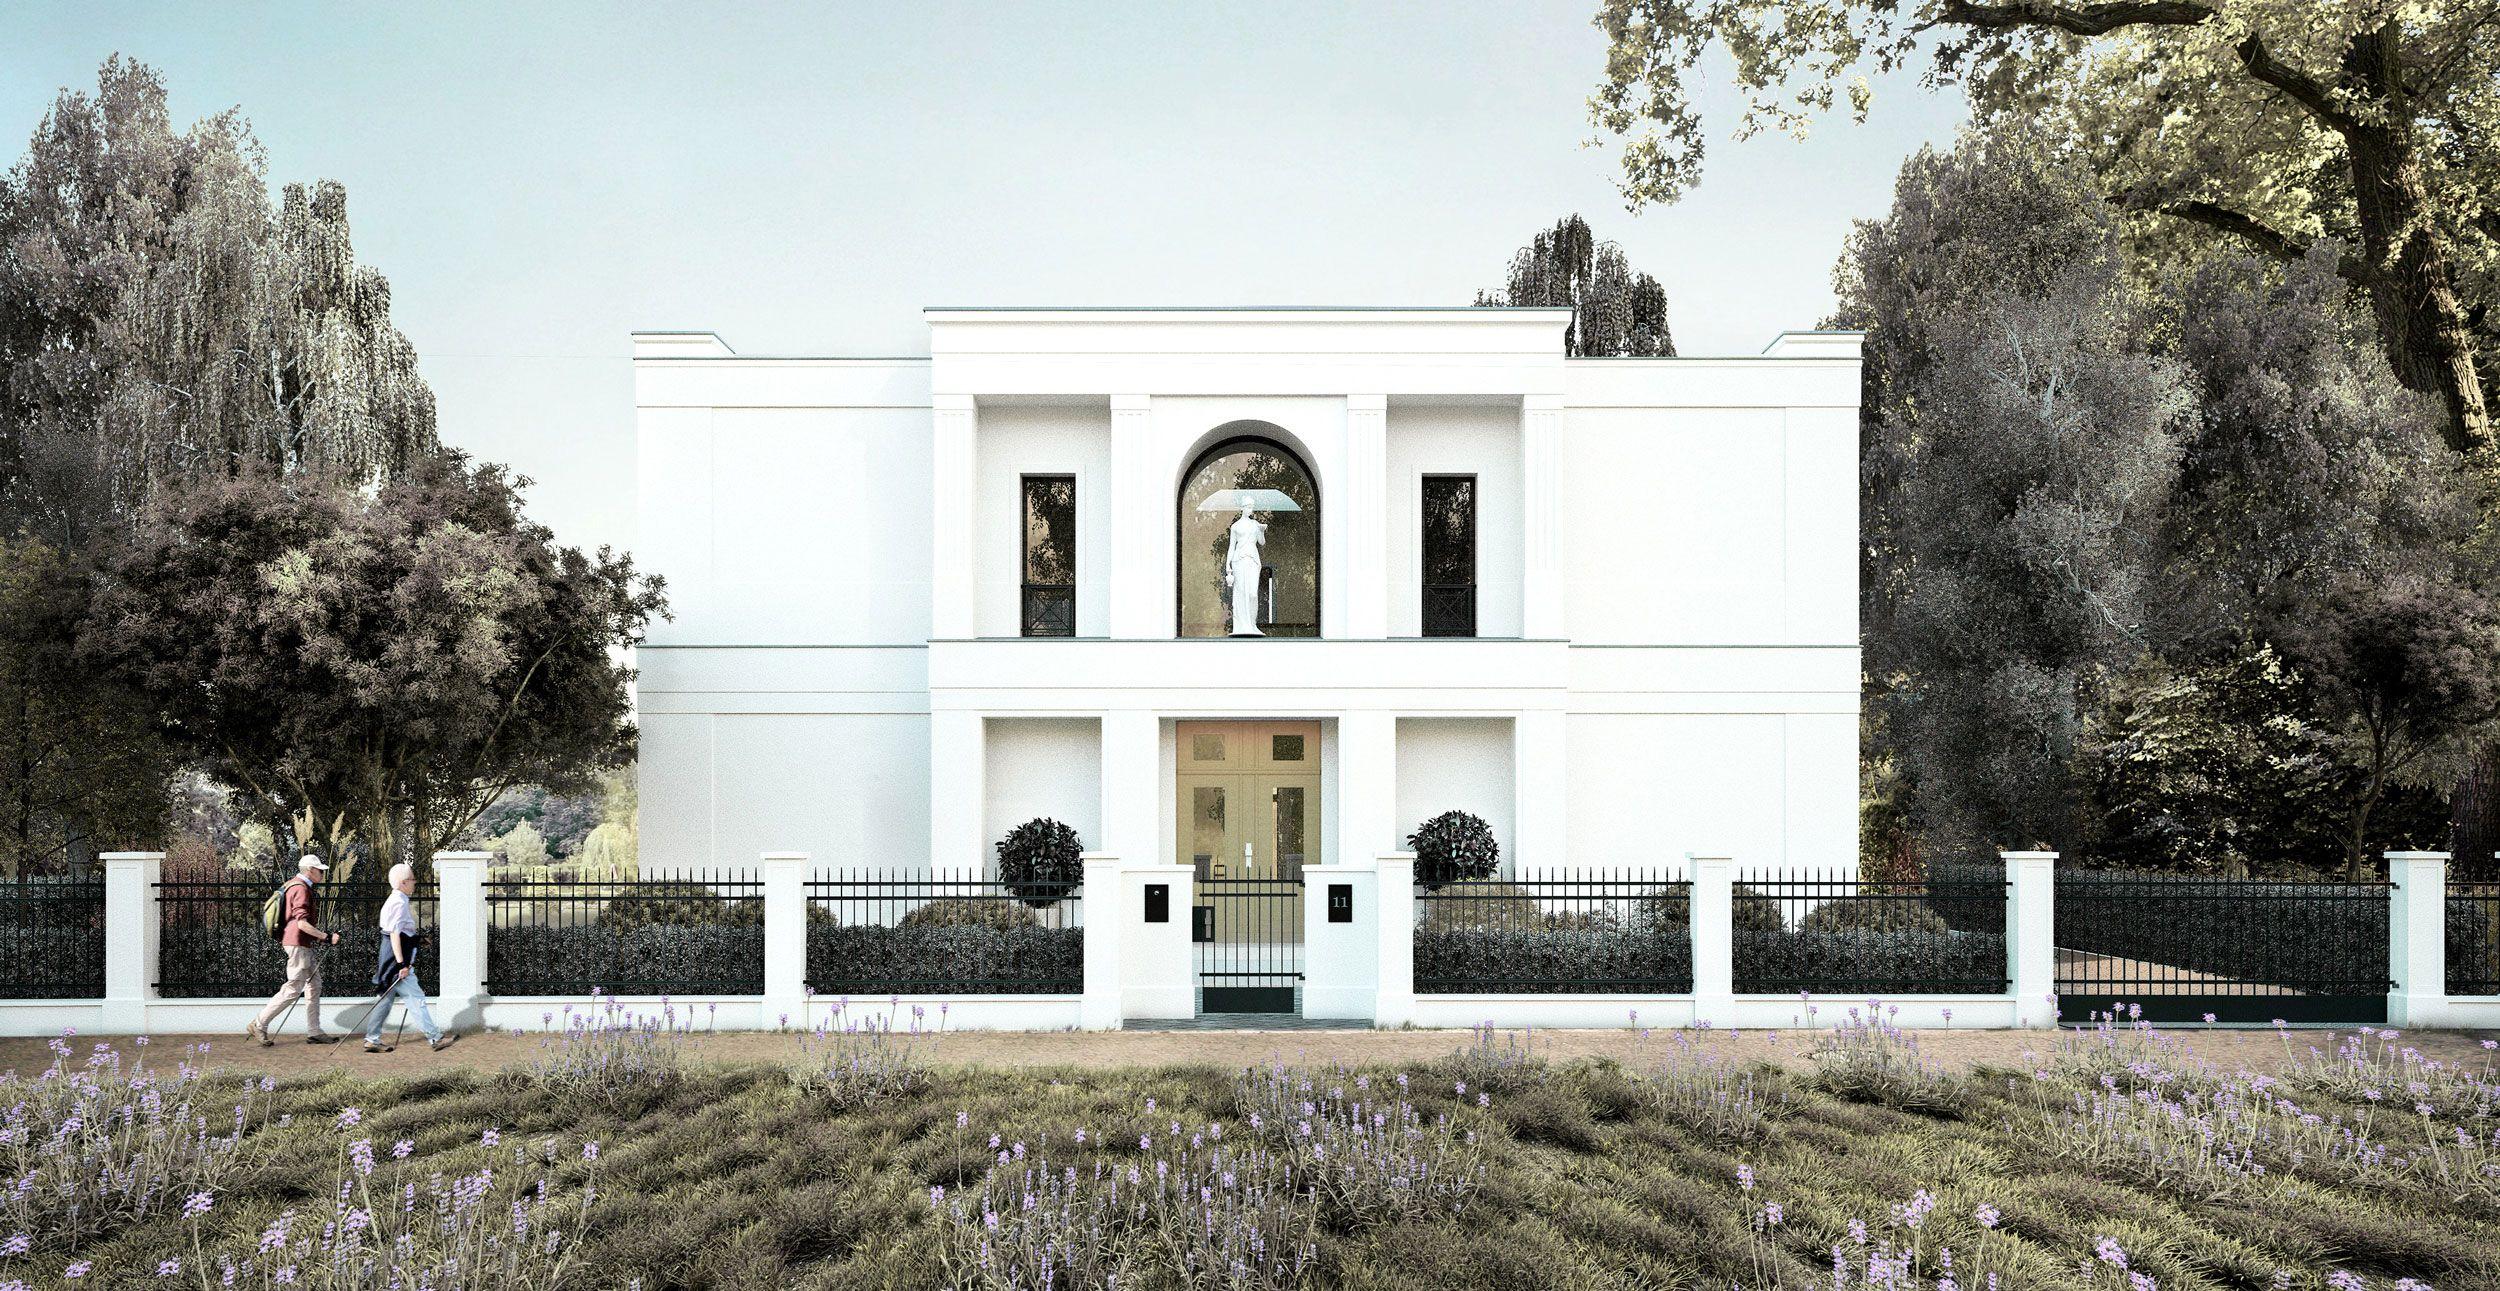 Klassische Villa Neubau neubau einer klassischen villa mit portikus - vogel cg architekten